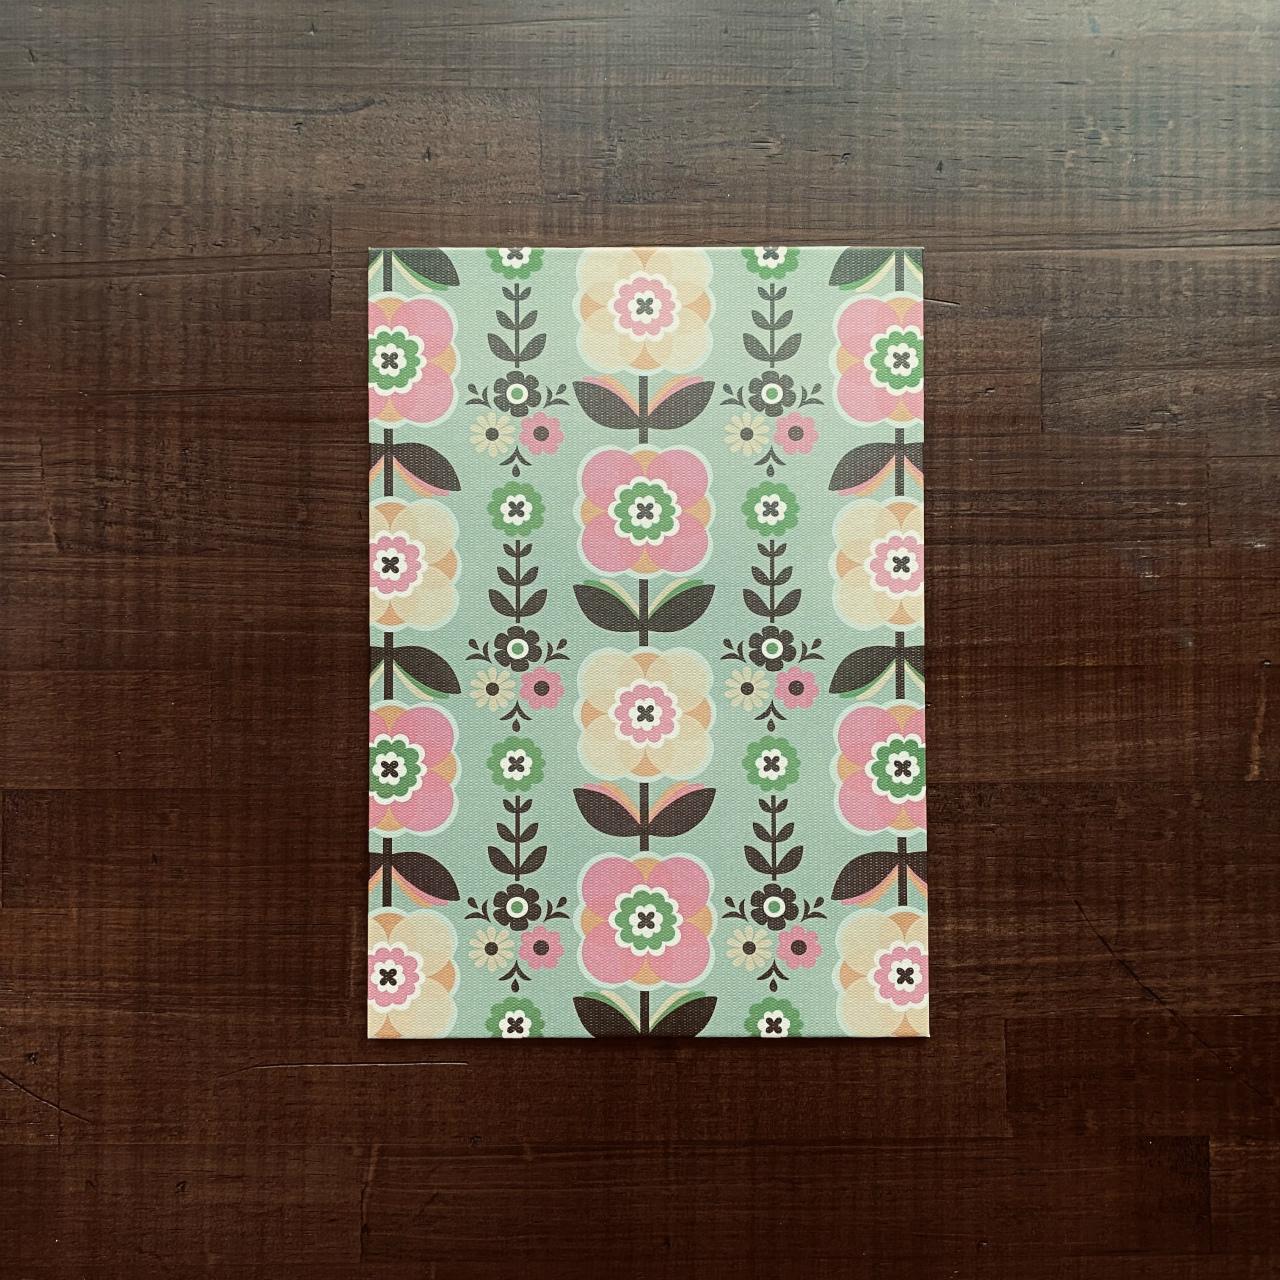 着せ替え表紙「HAOLi-羽織-」(A5ノート用1枚)チロルフラワー(カーキ系)